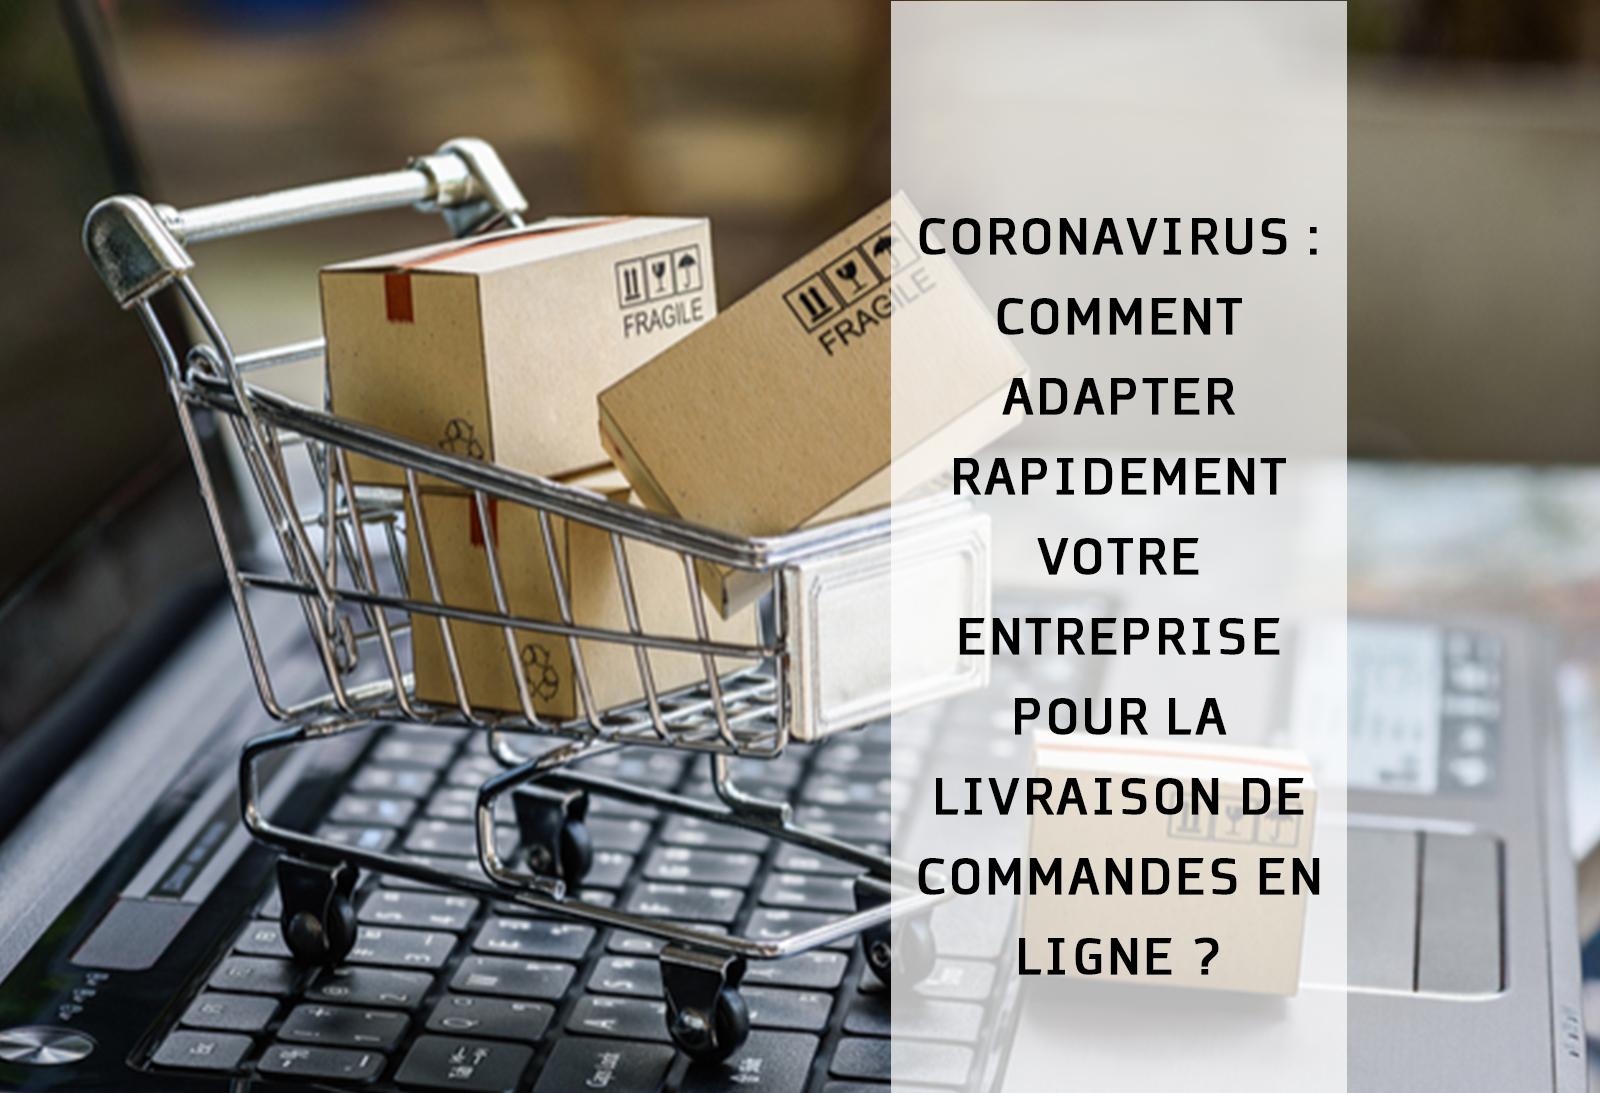 Coronavirus Adapter Rapidement Entreprise Pour La Livraison De Commandes En Ligne